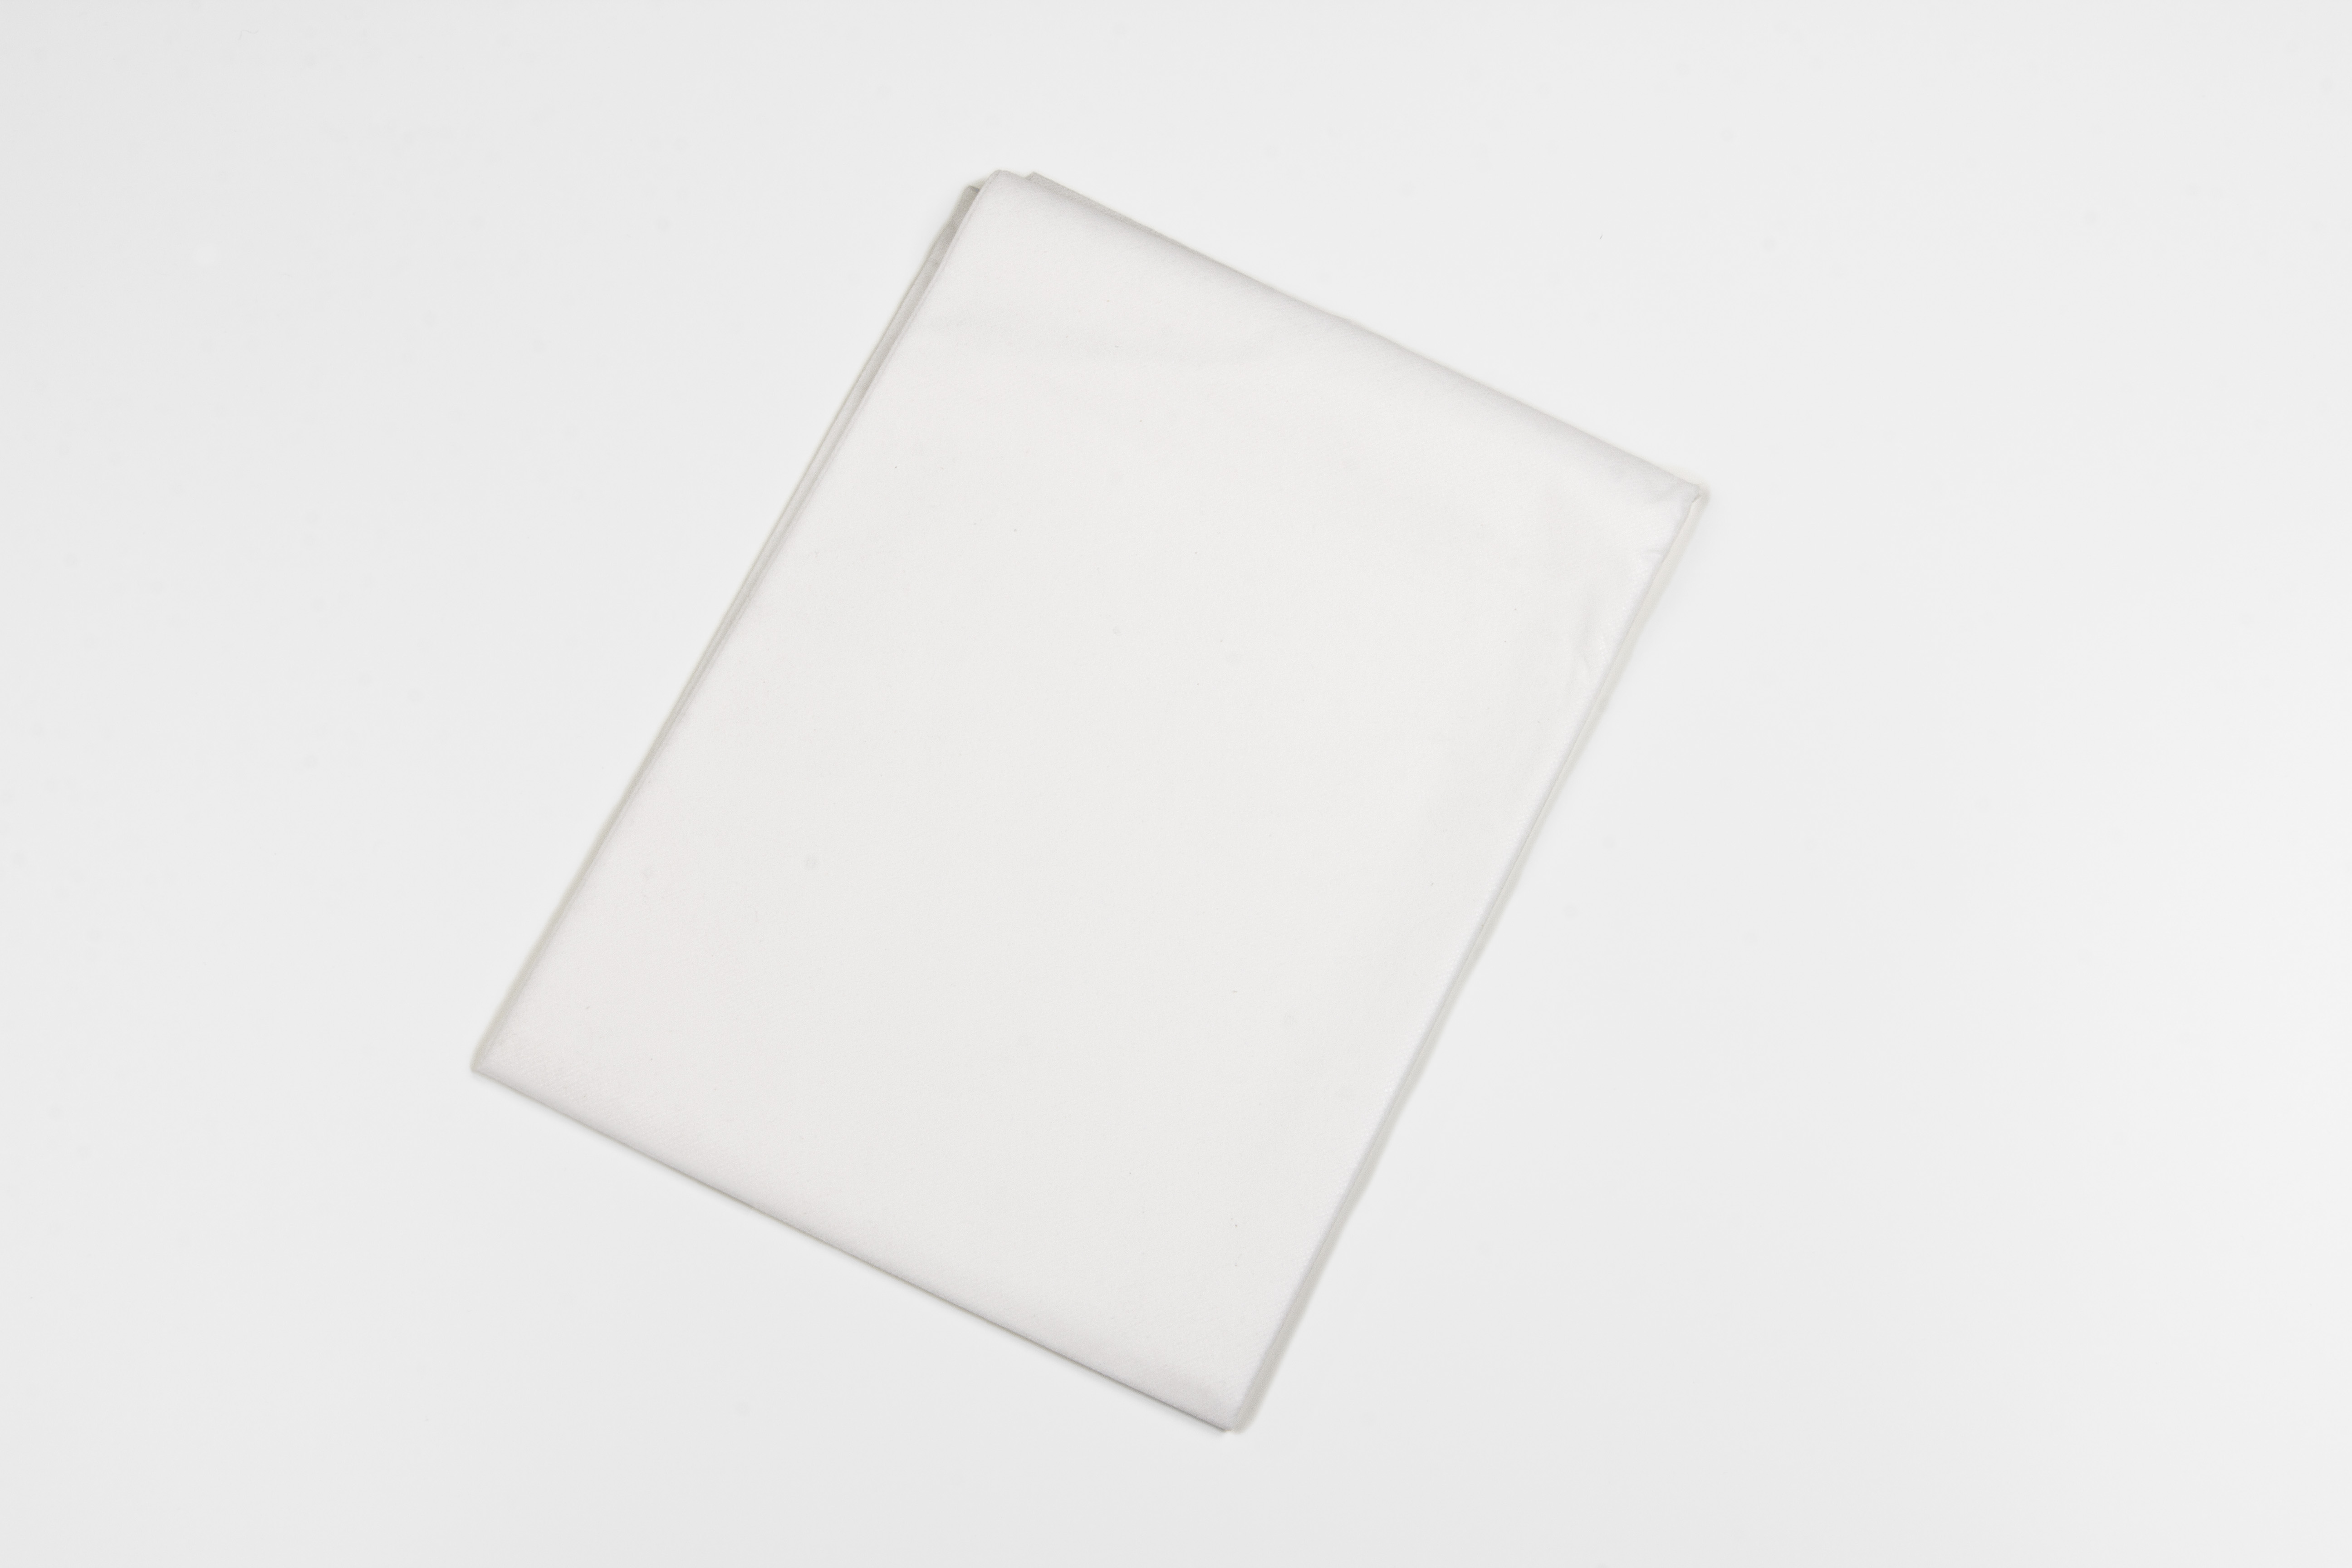 Einmalvlieslaken 200x100cm weiß